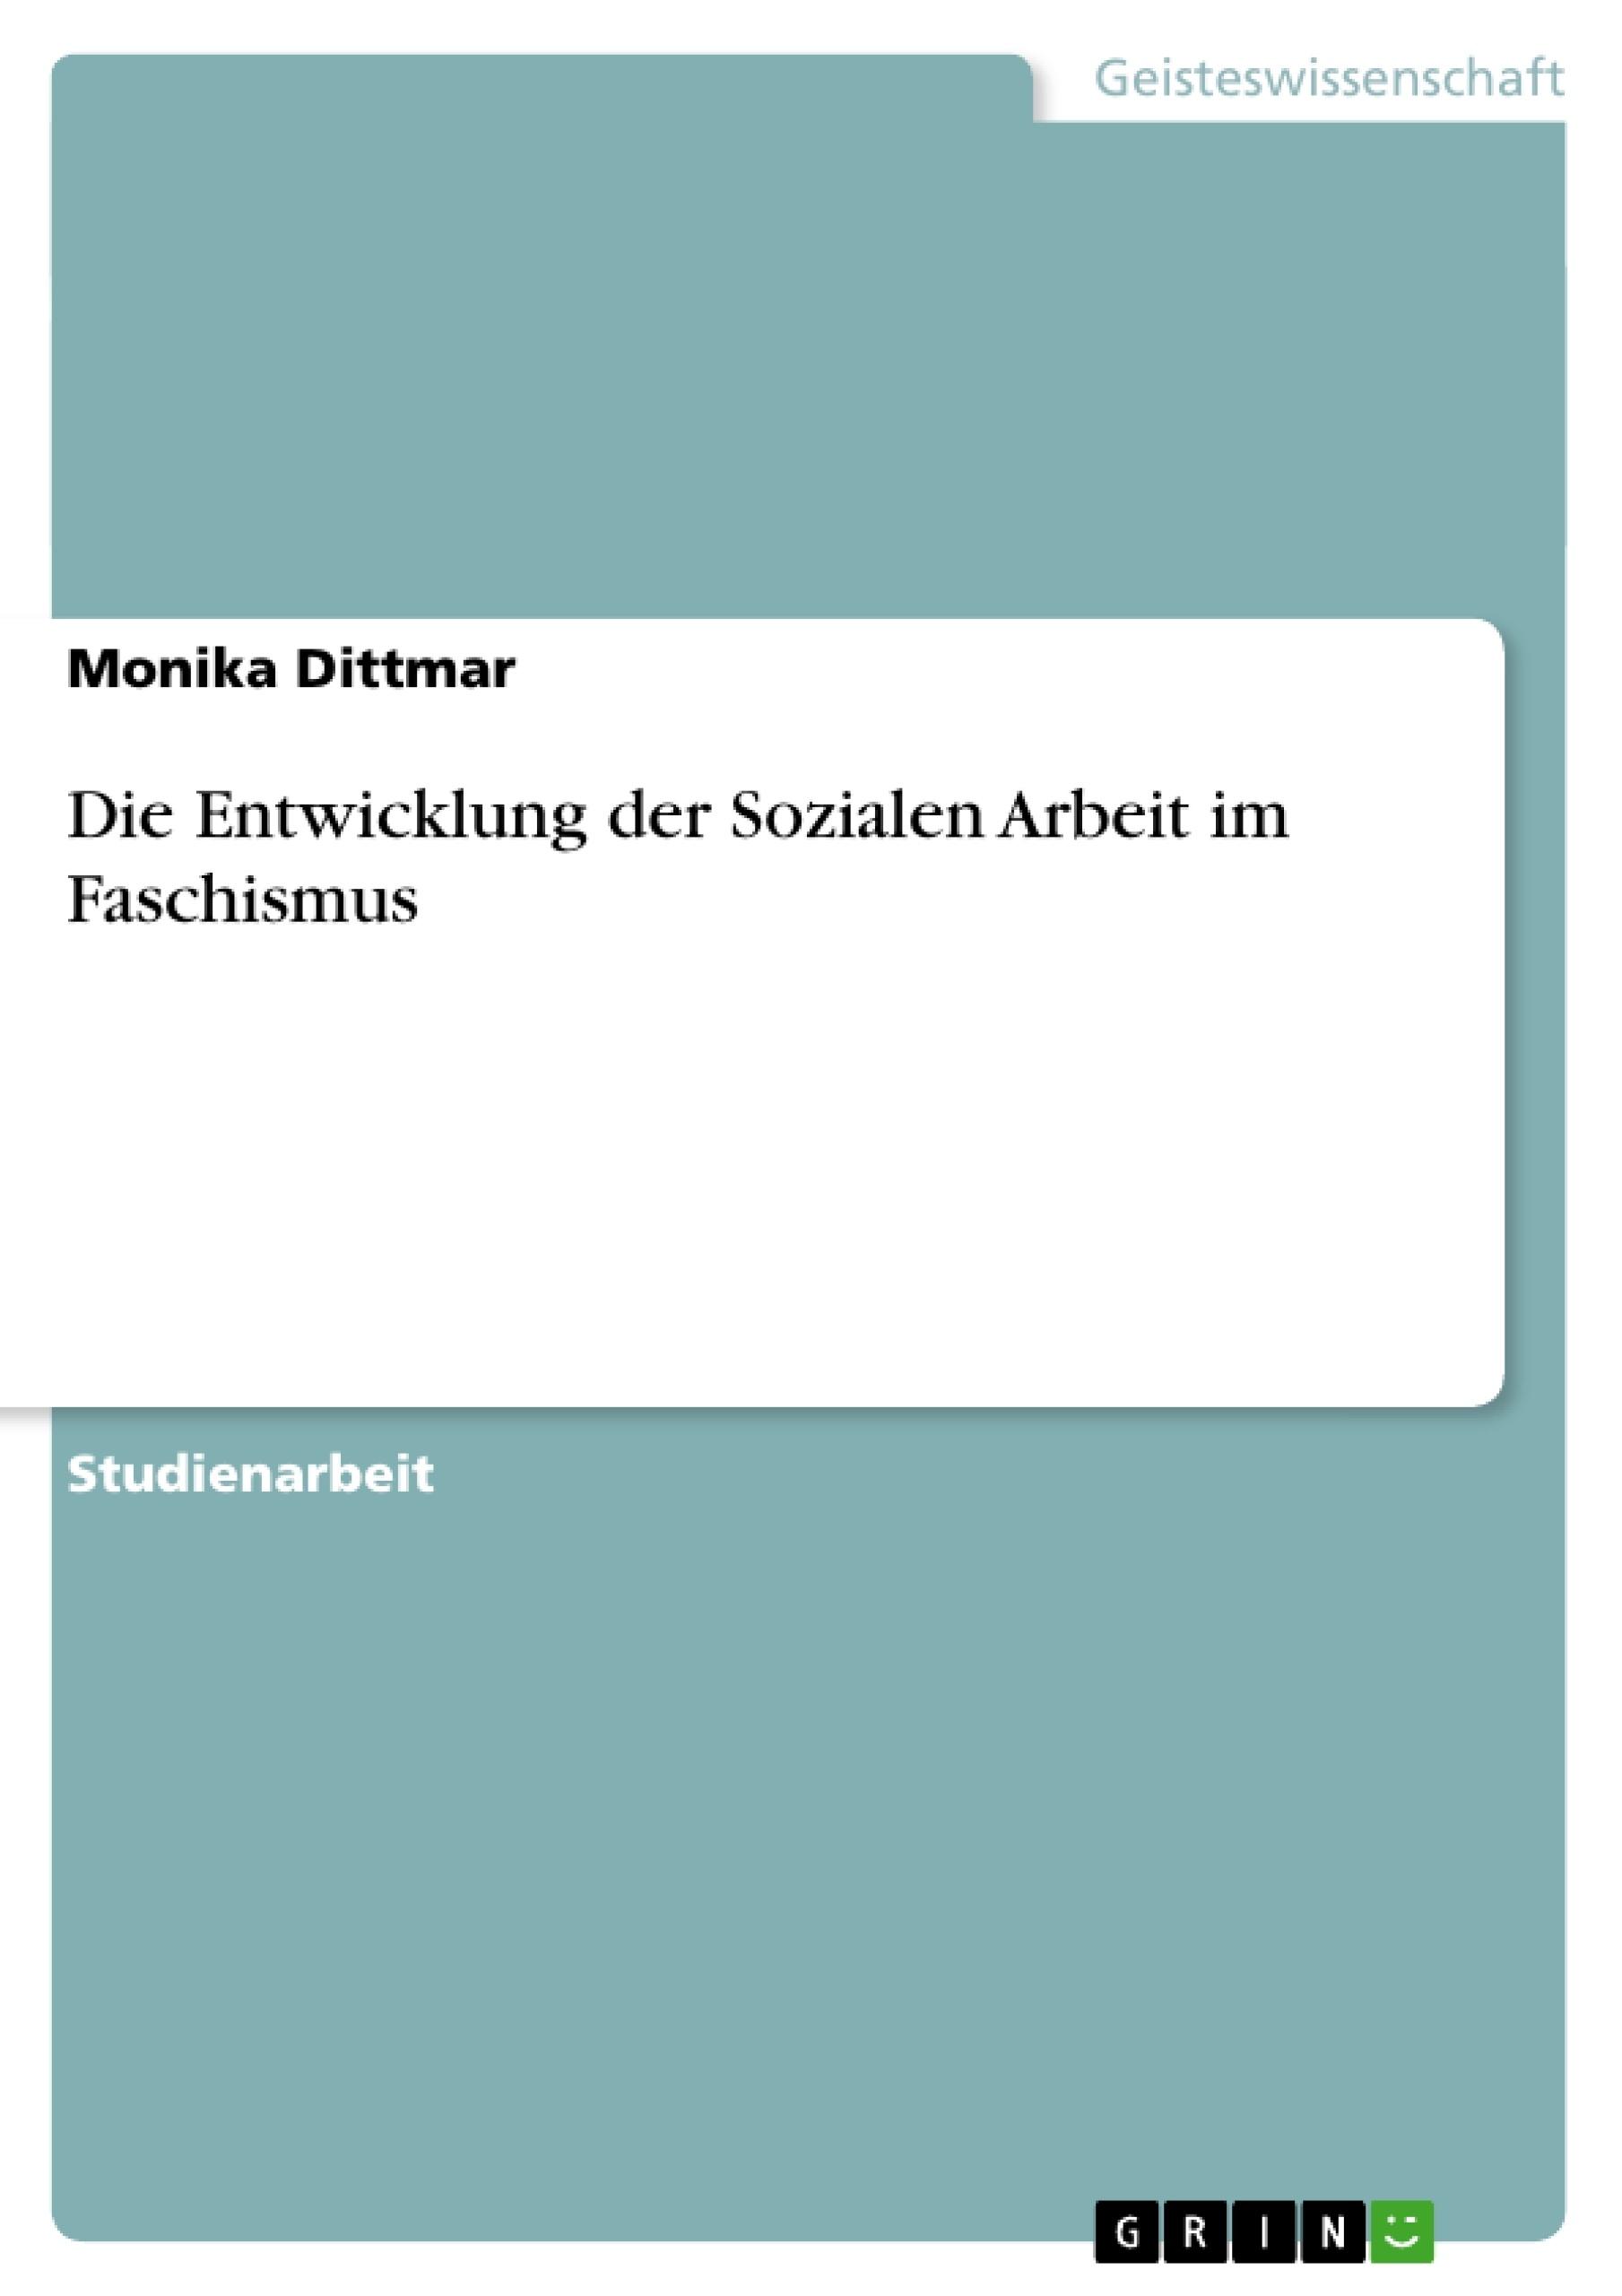 Titel: Die Entwicklung der Sozialen Arbeit im Faschismus